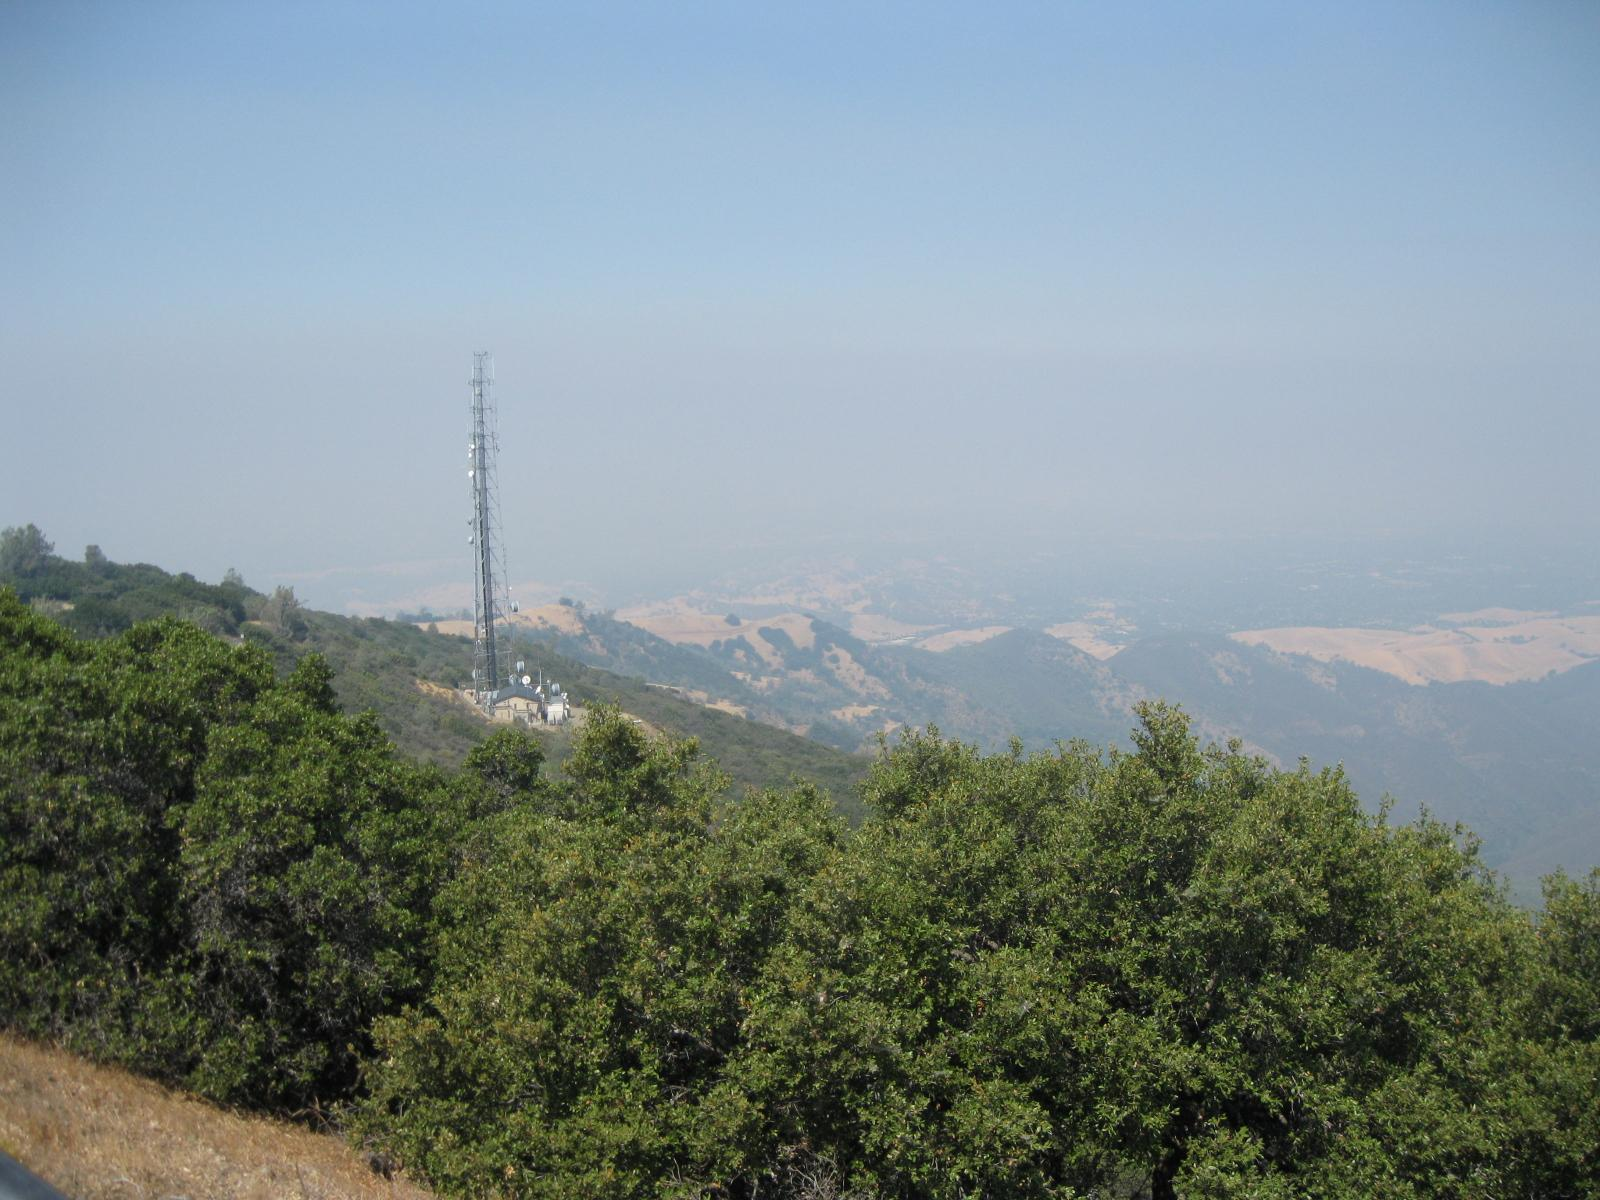 Mt Diablo